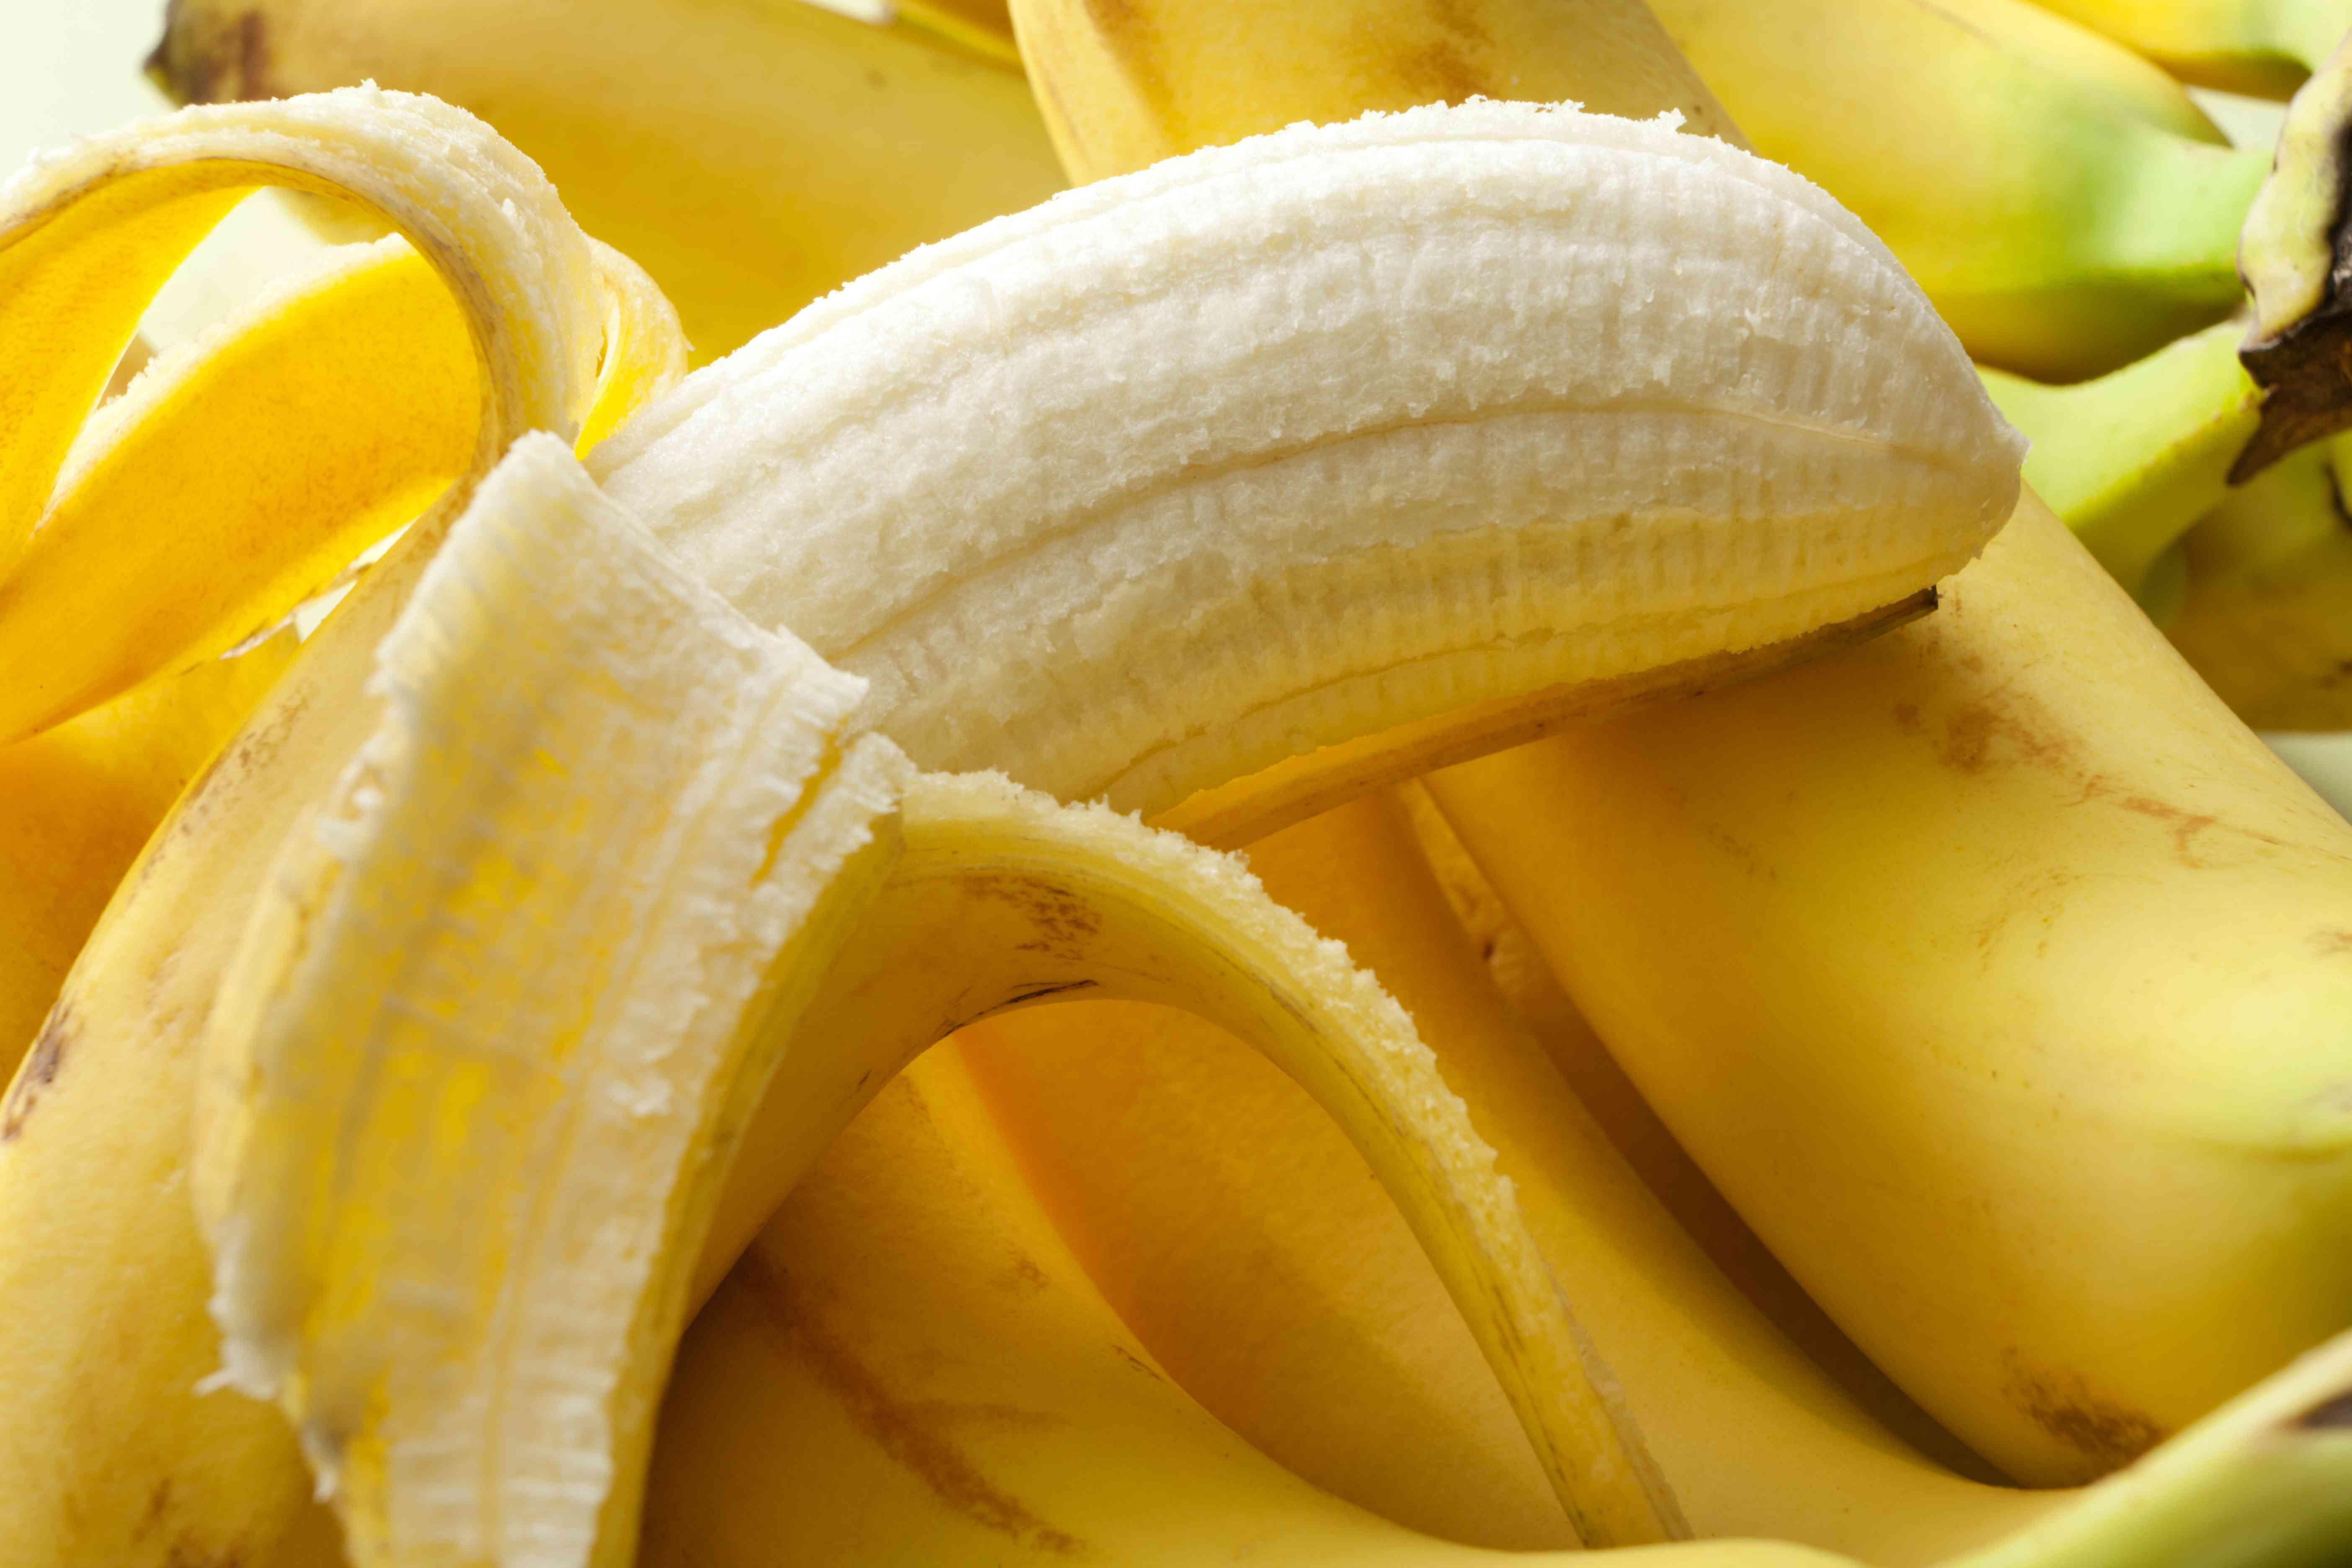 Fruit Stills: Banana